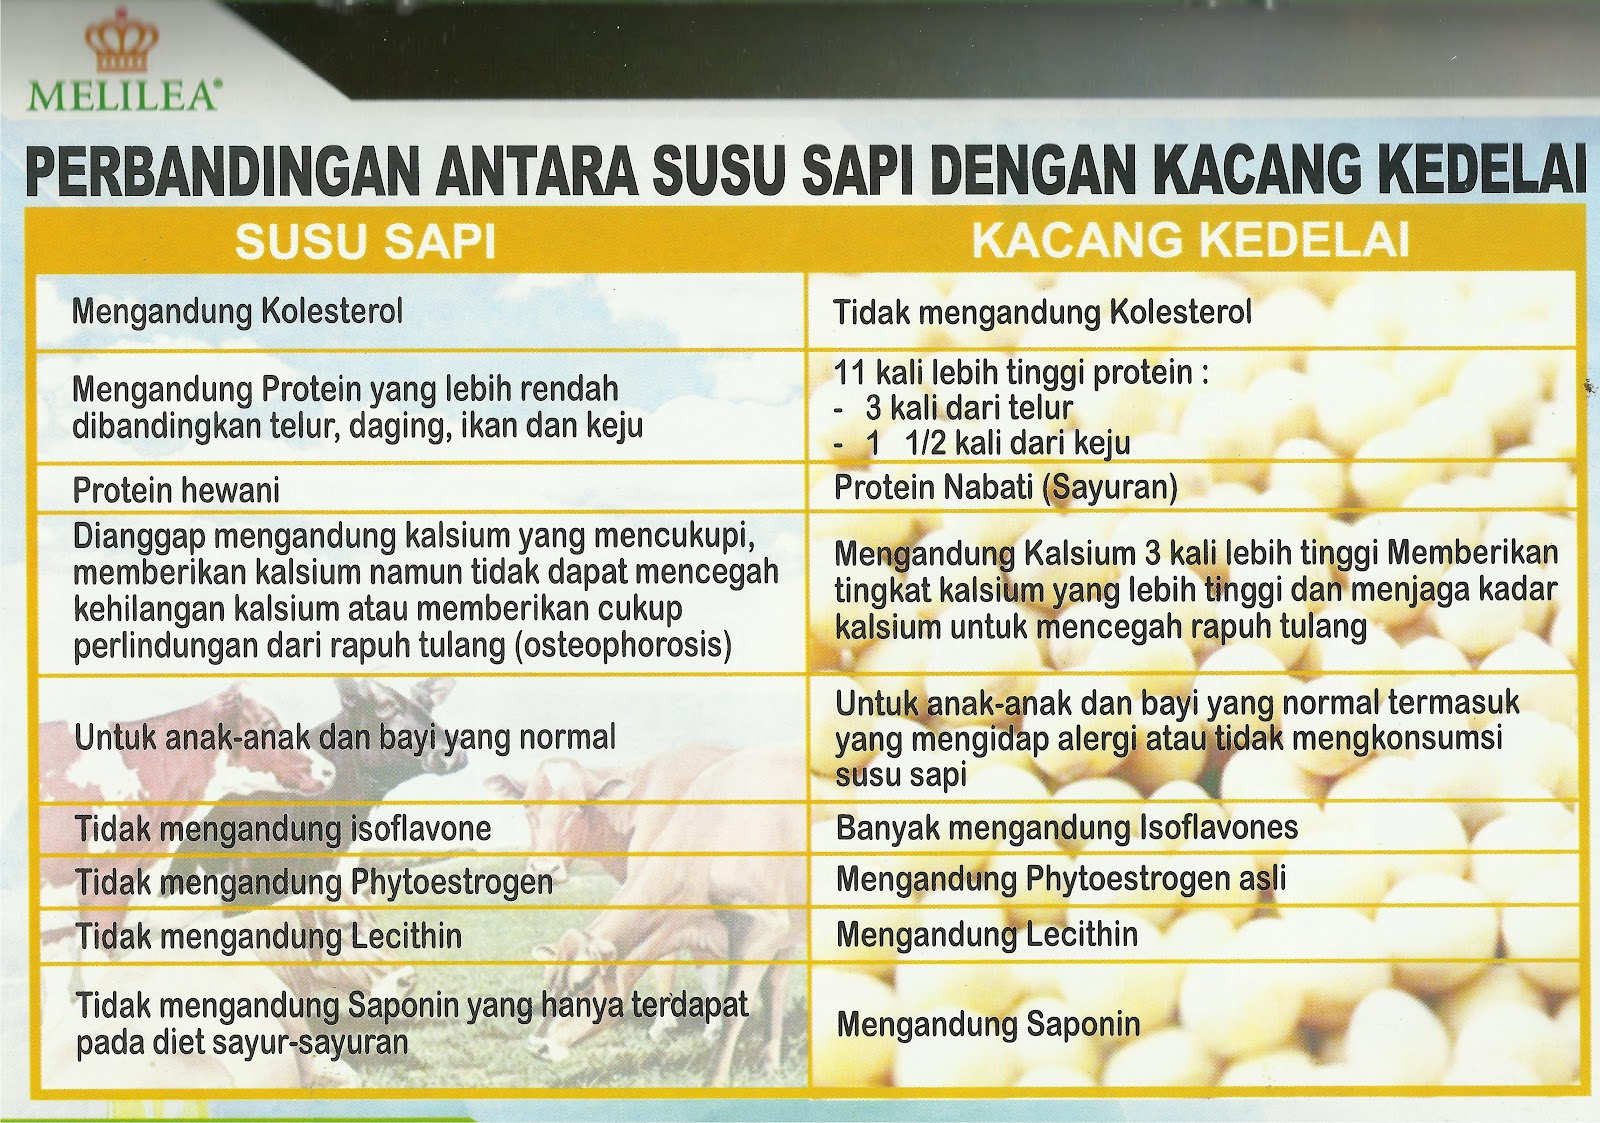 Sehat Cantik Sukses Produk Melilea Susu Kedelai Organik Serbuk Bubuk Berisikan Protein Nabati Alami Dan Phytonutrient Yang Hanya Terdapat Pada Kacang Adalah Sumber